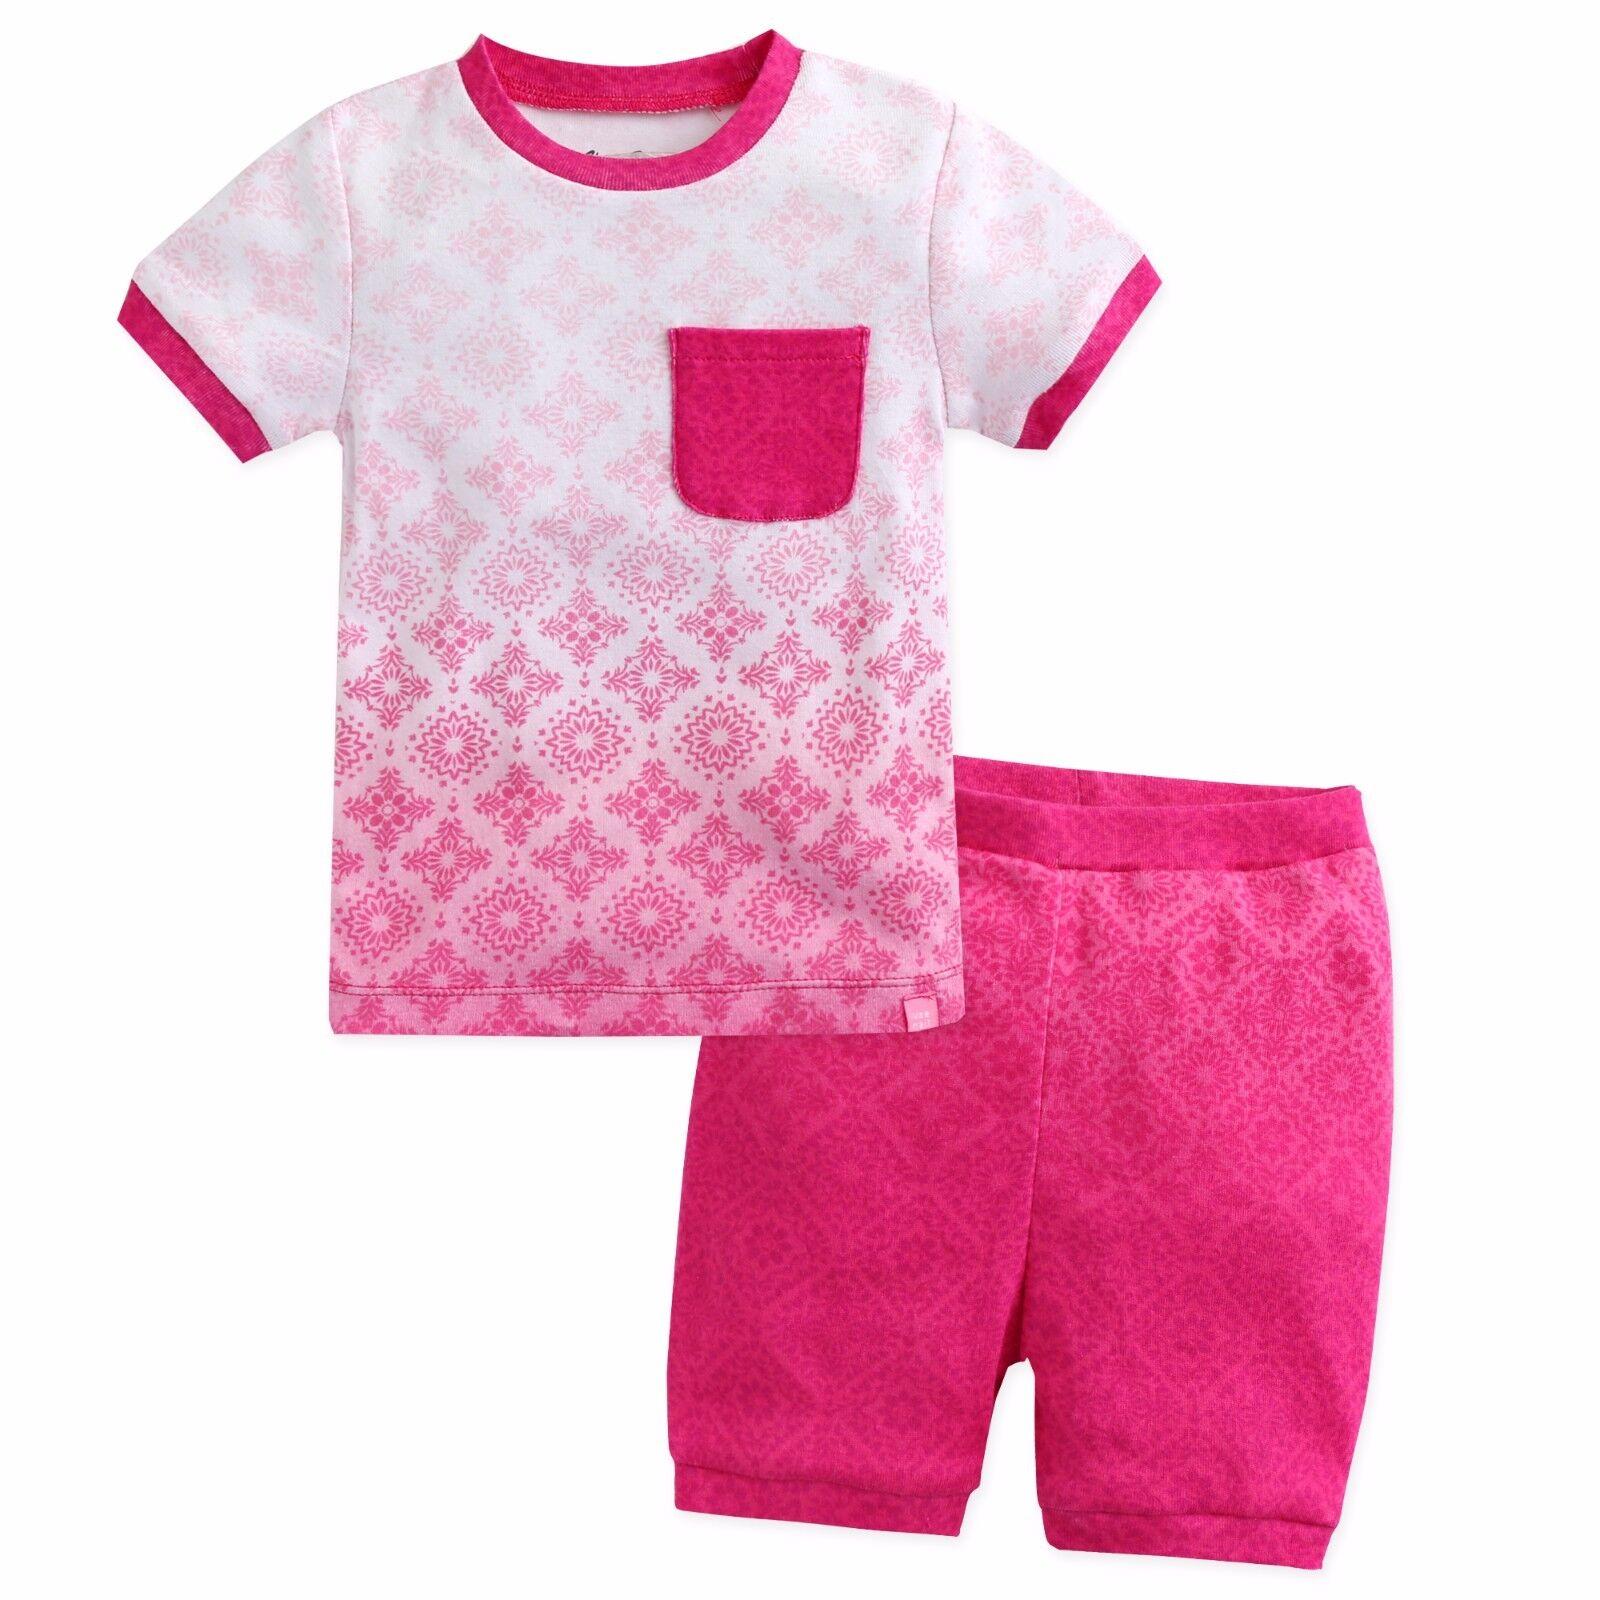 """Vaenait Baby Kid Girls Boys Clothes Short Outfit set /""""Bohemian Blue Pink/"""" 12M-7T"""